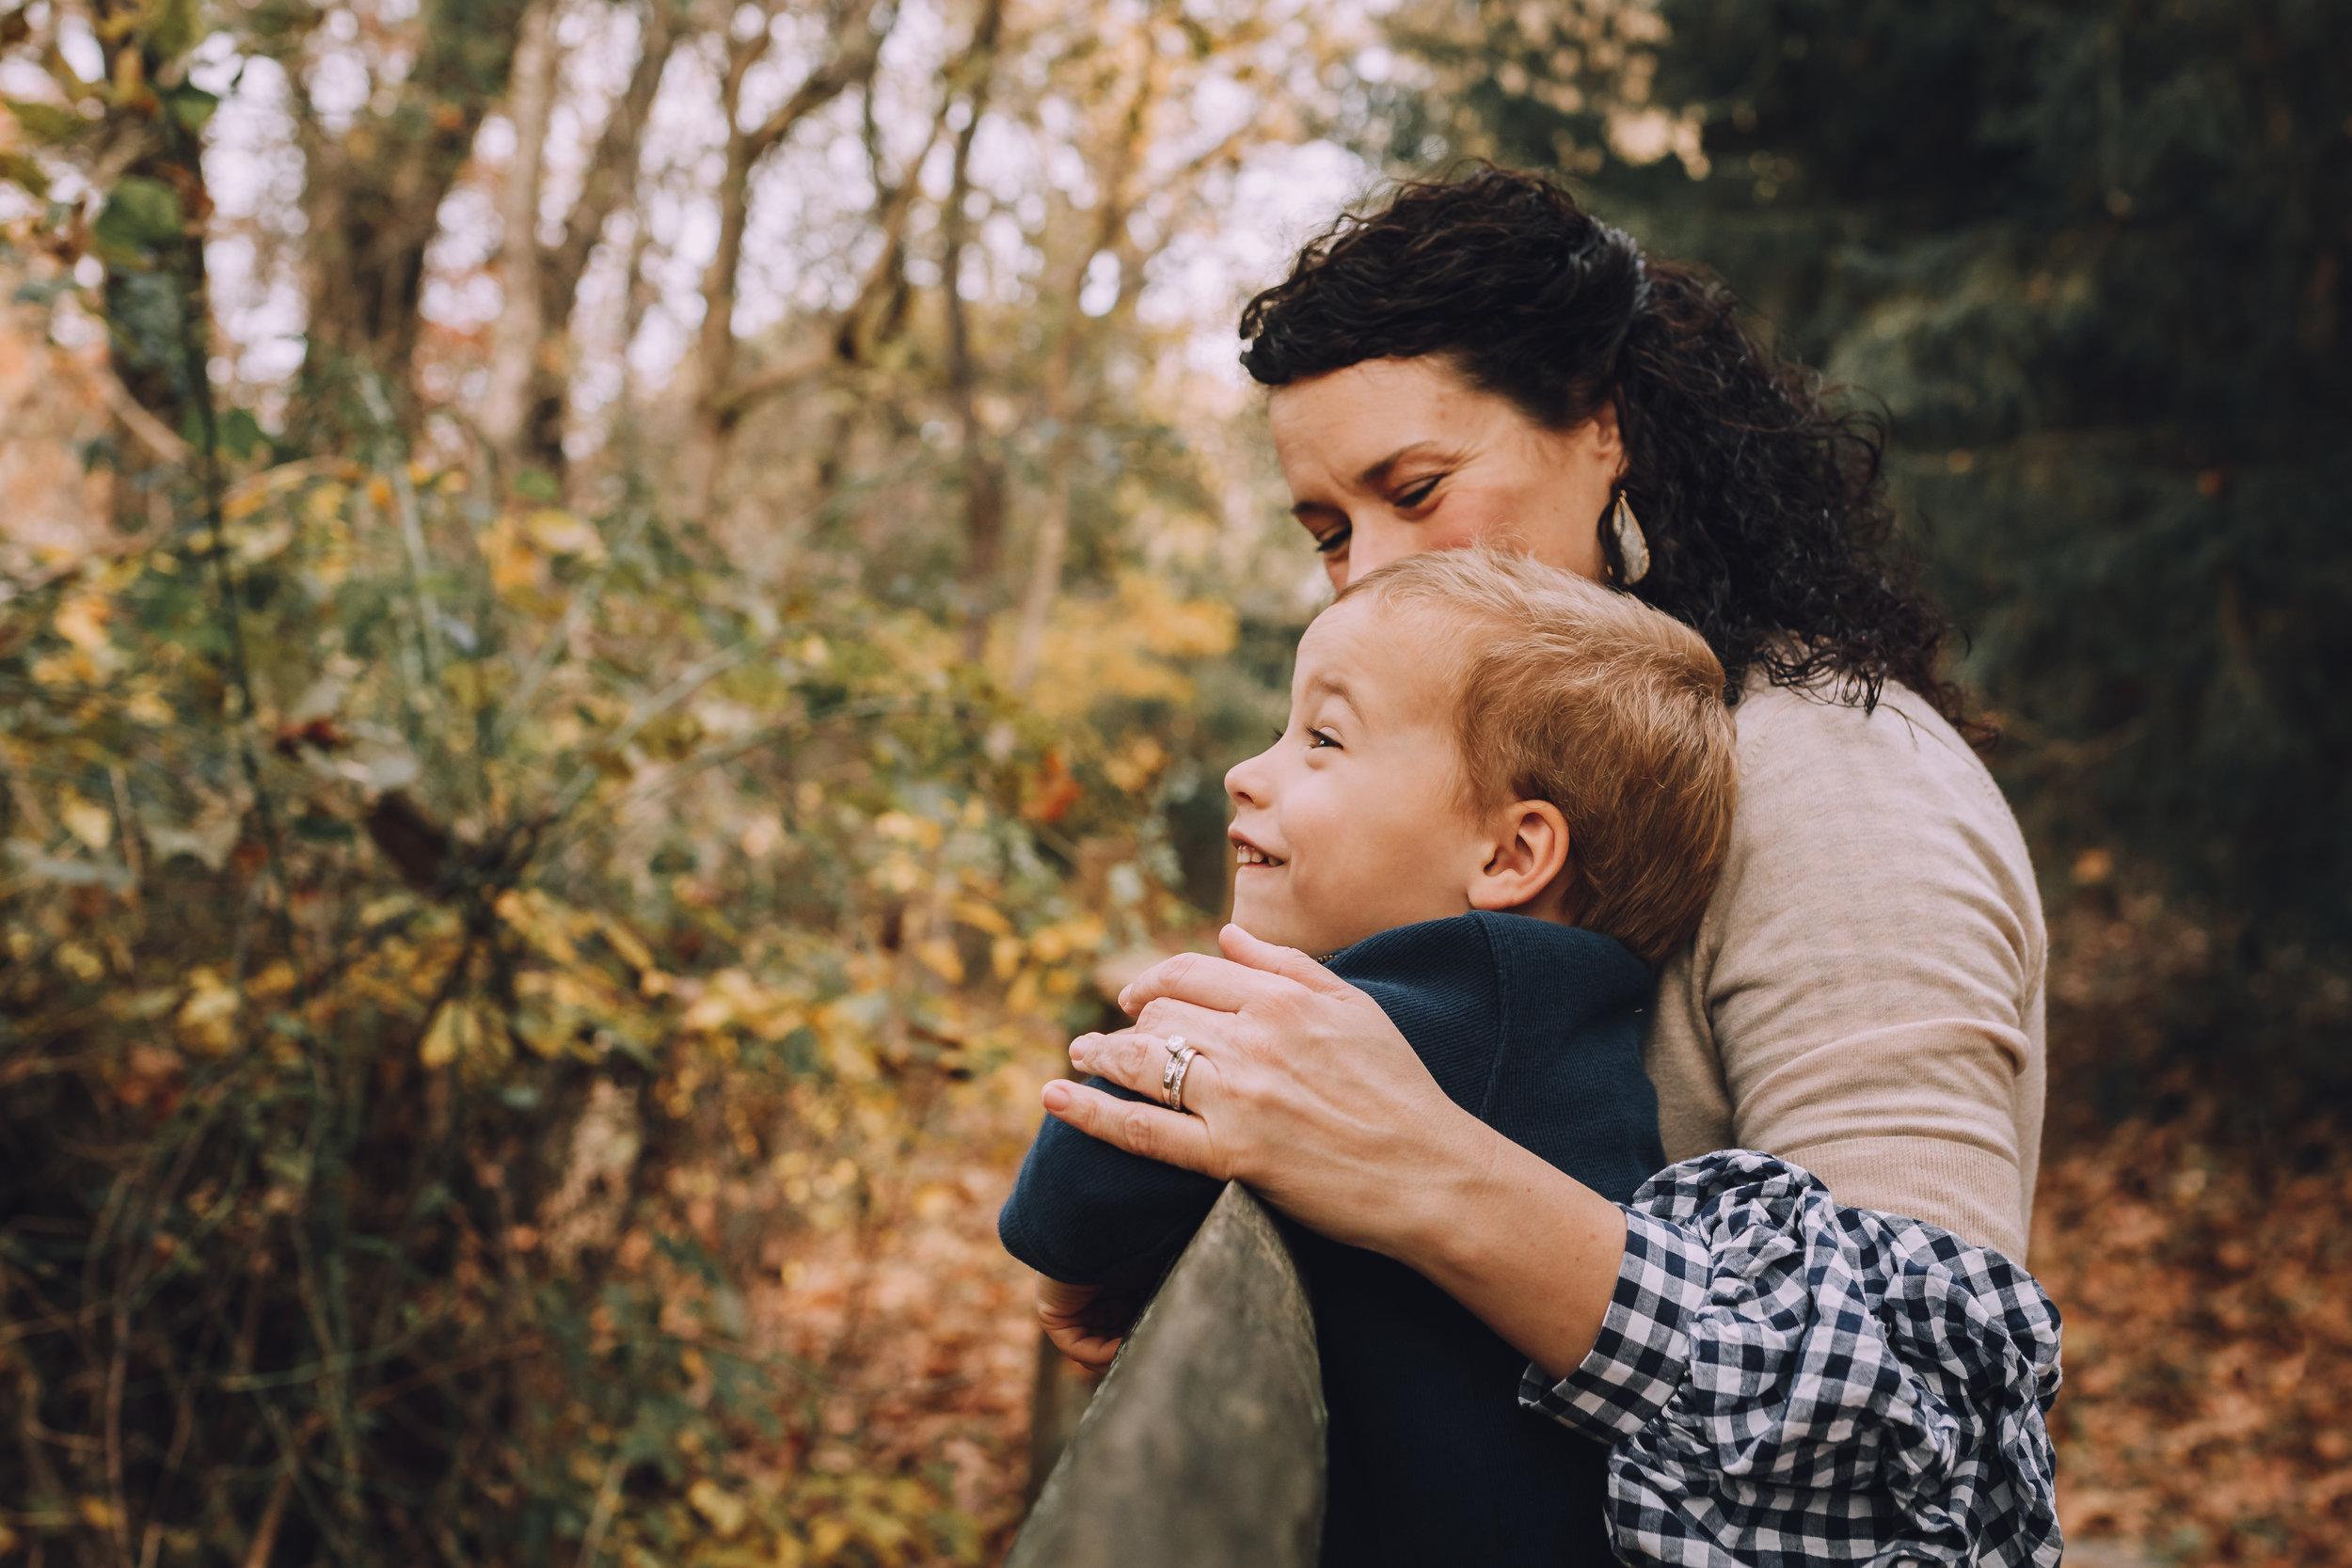 Family_Photographer_Rockville_Maryland09.jpg